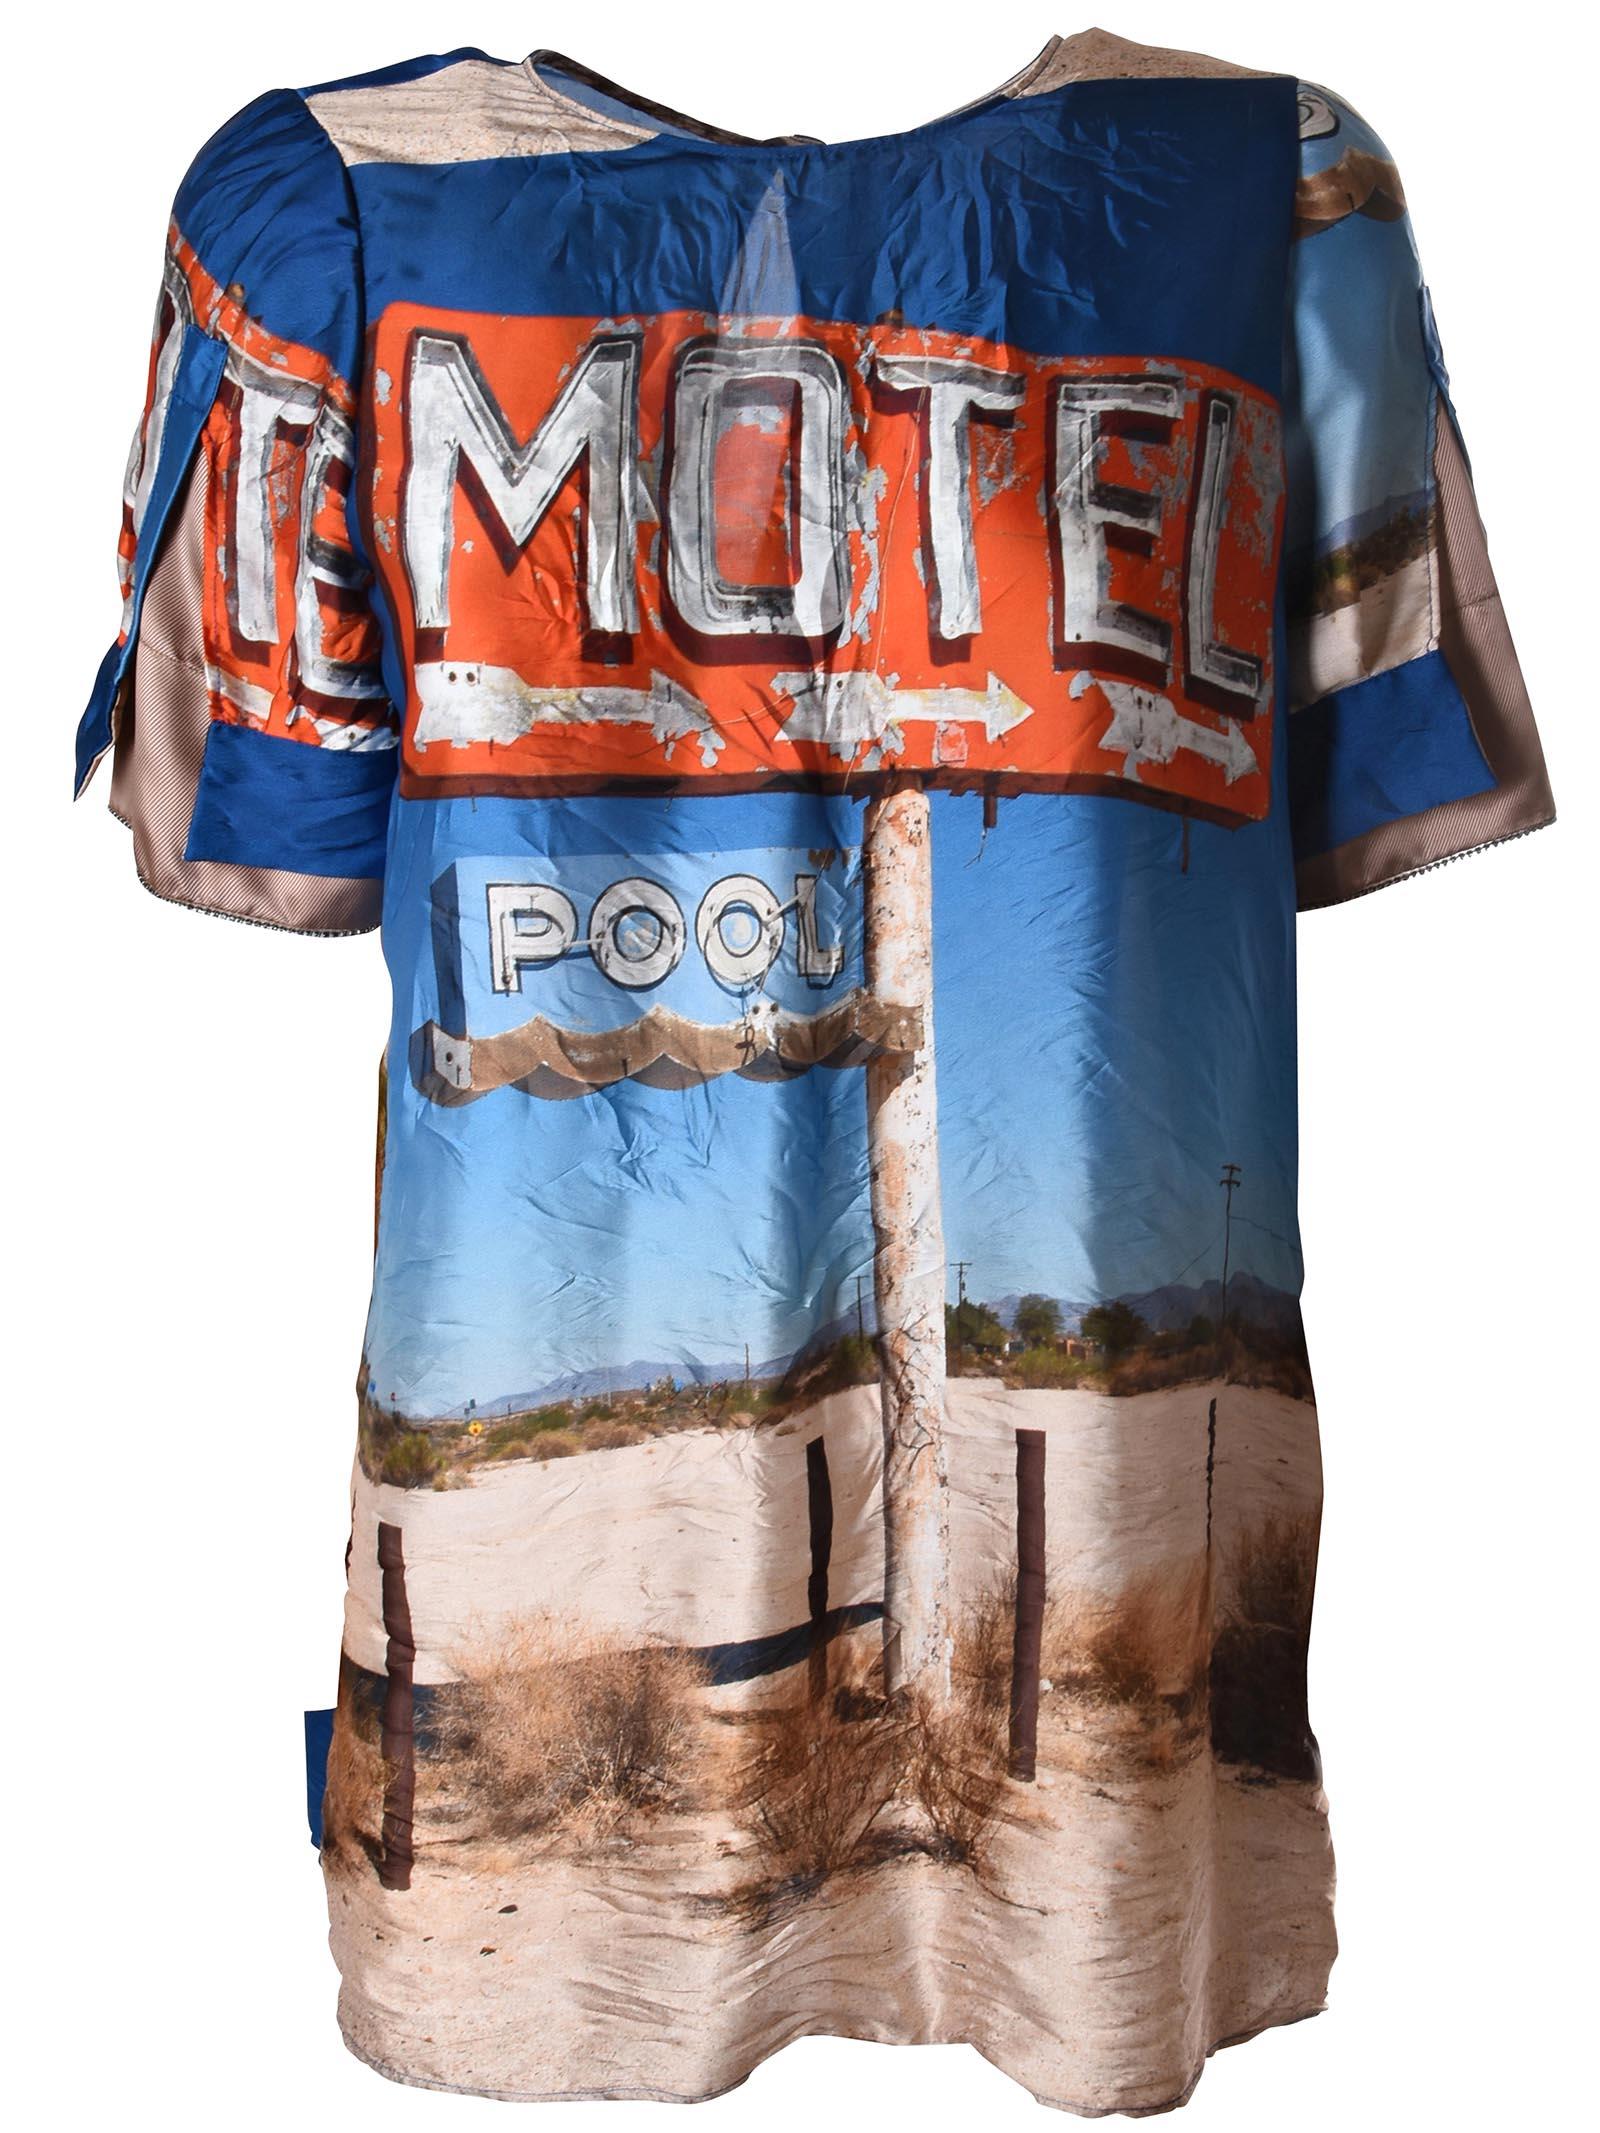 N.21 Motel Print Top